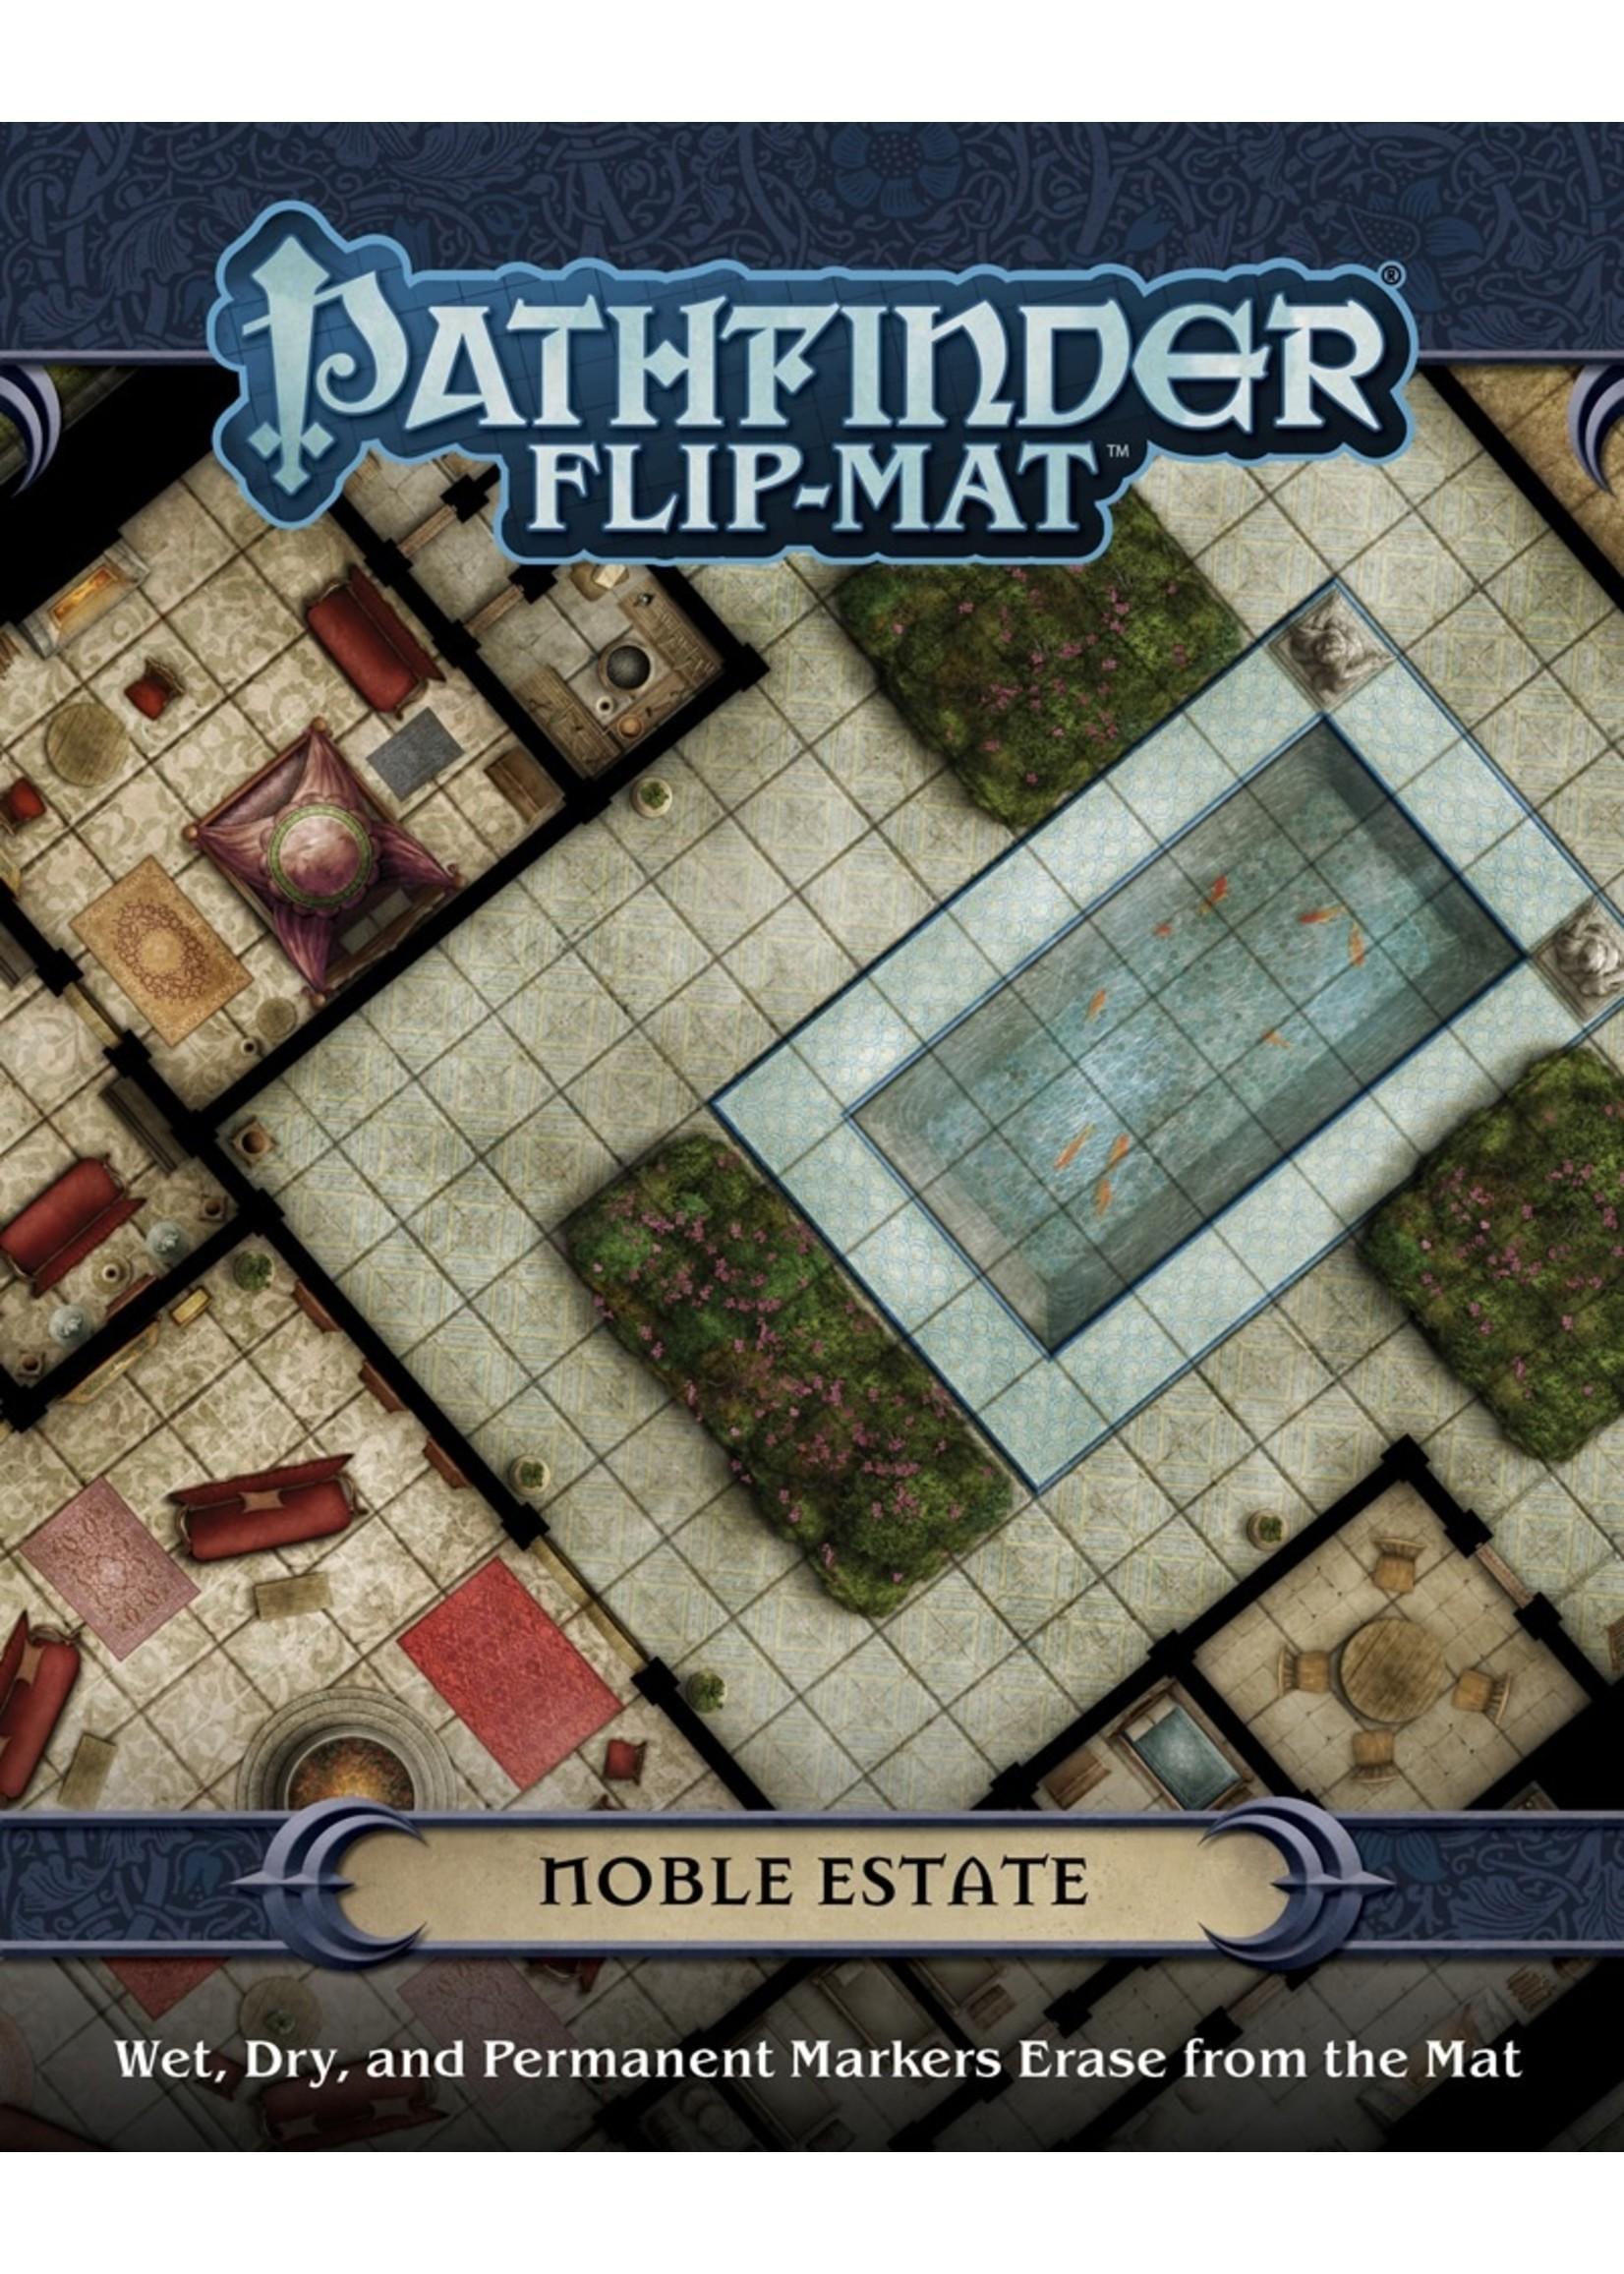 Pathfinder RPG: Flip-Mat - Noble Estate